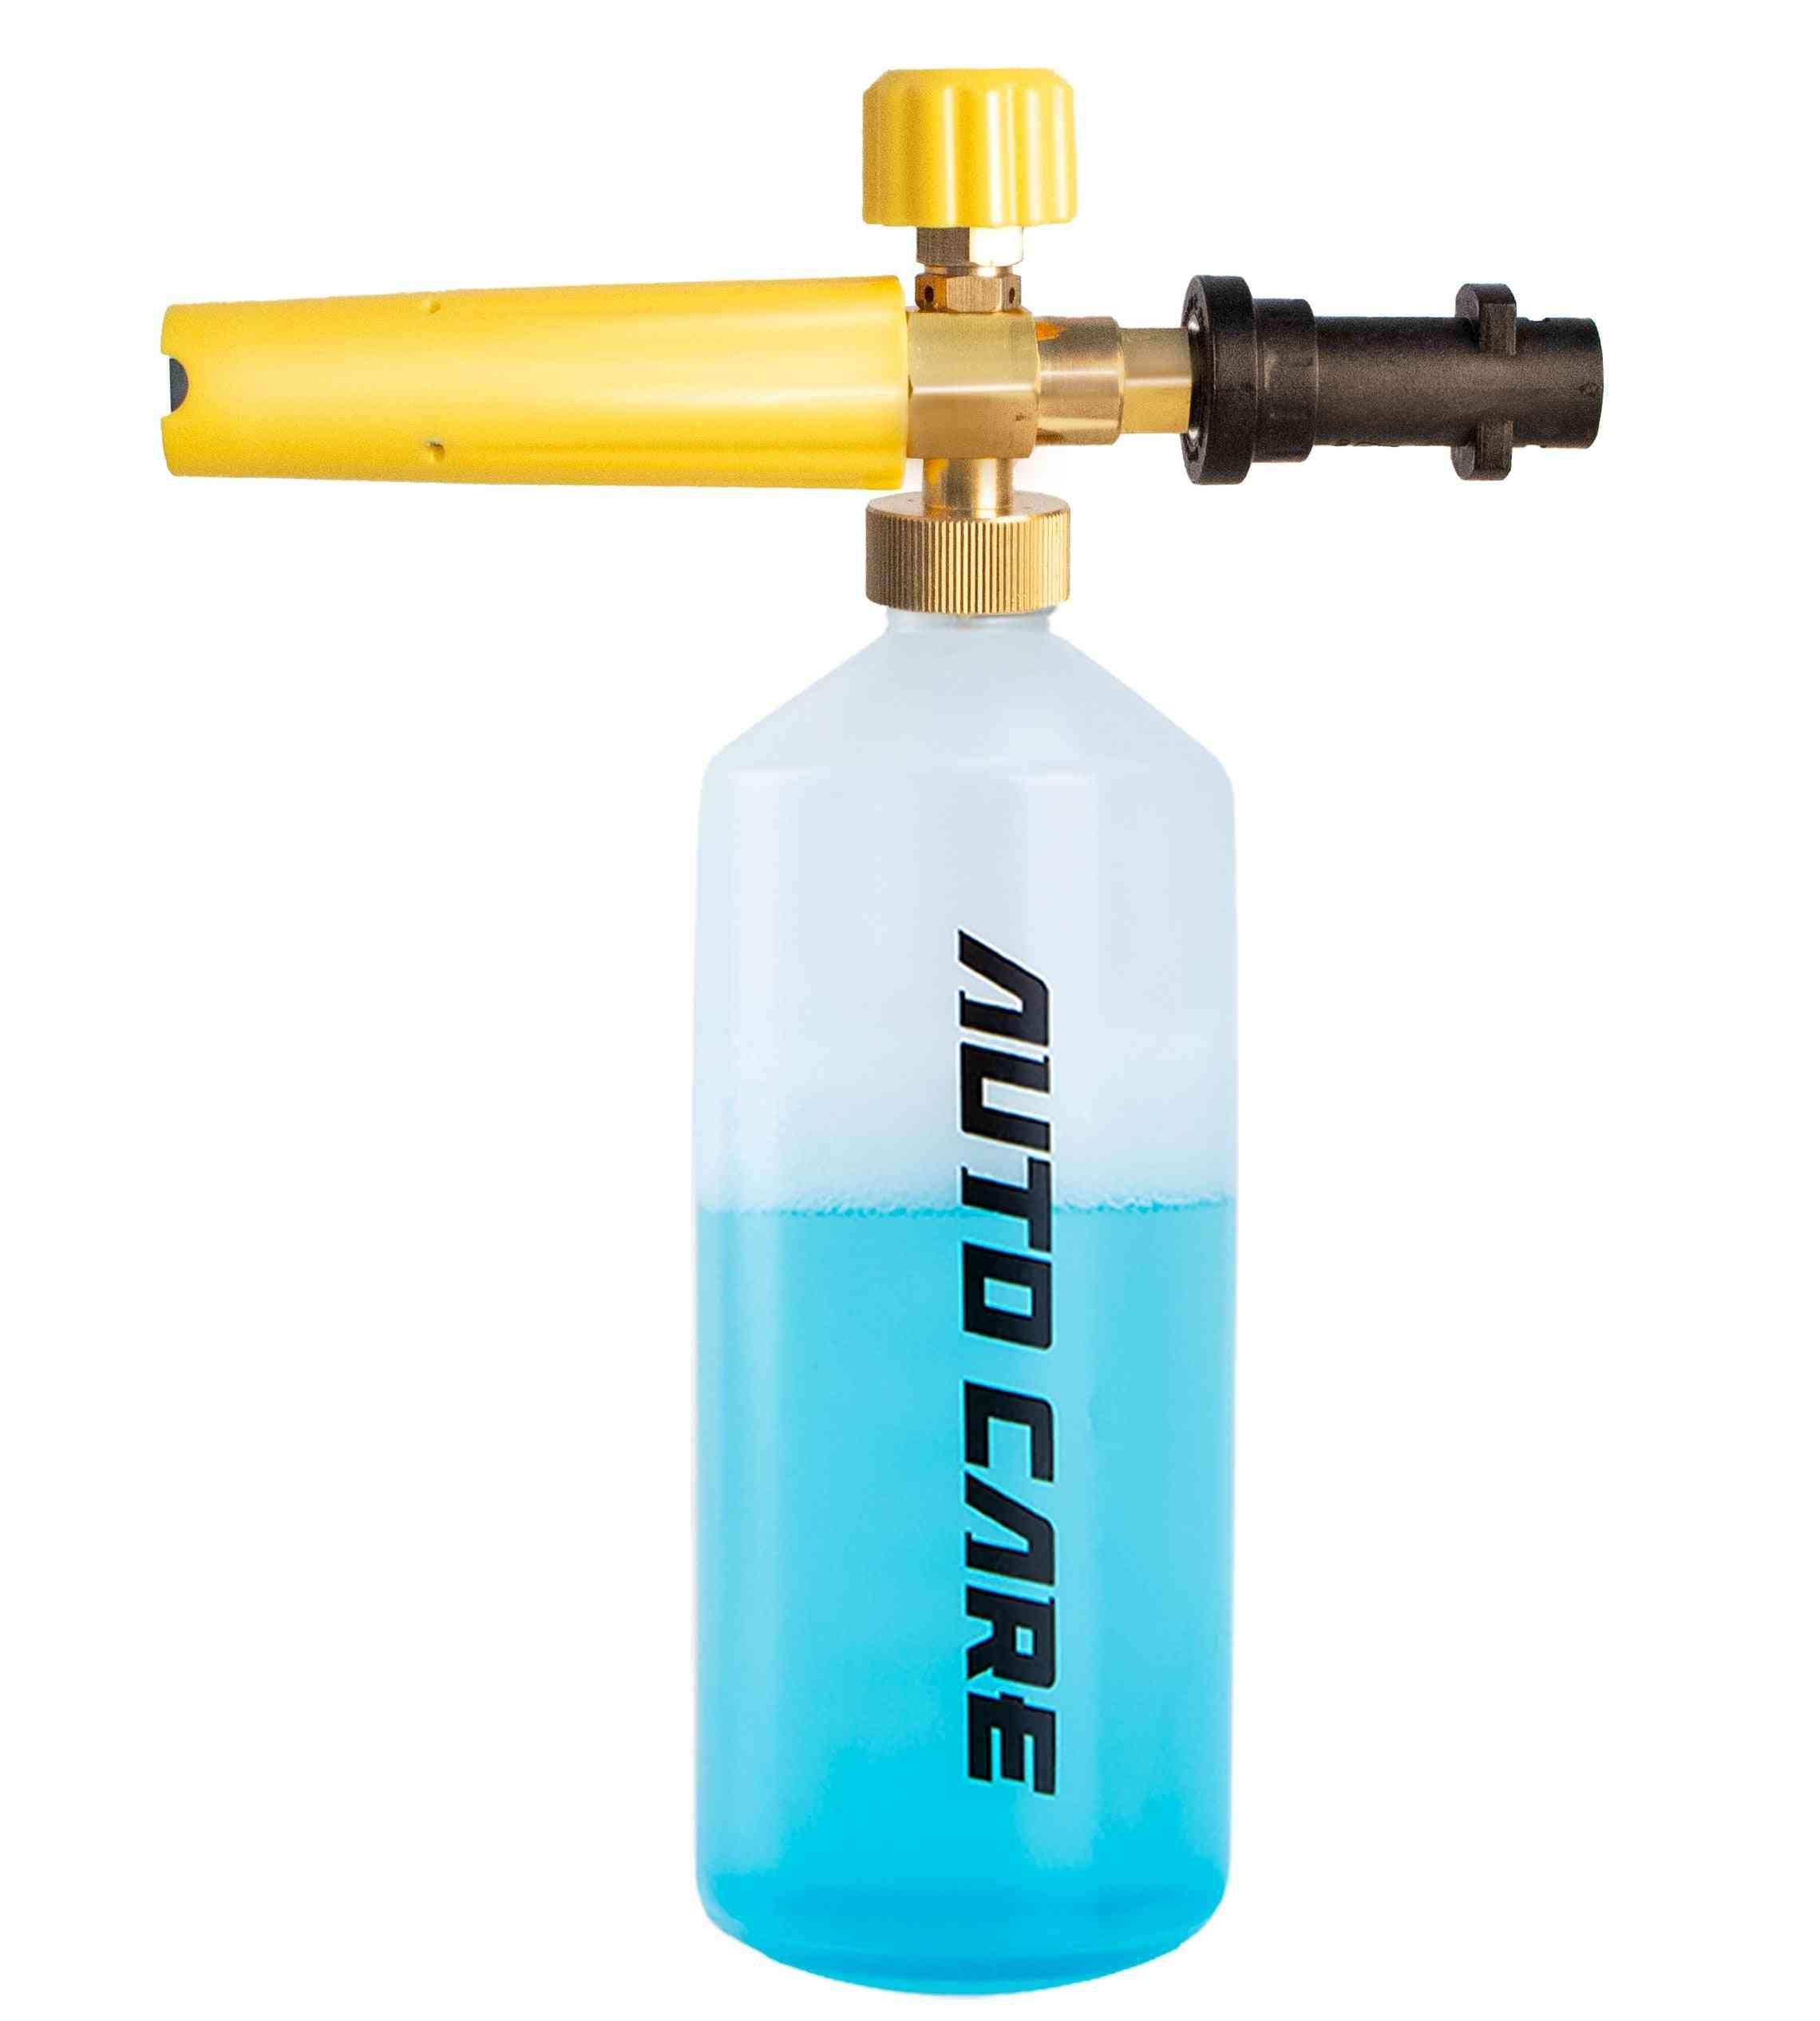 High-pressure Soap Foamer Sprayer Foam Generator Foam Gun Snow Foam Lance